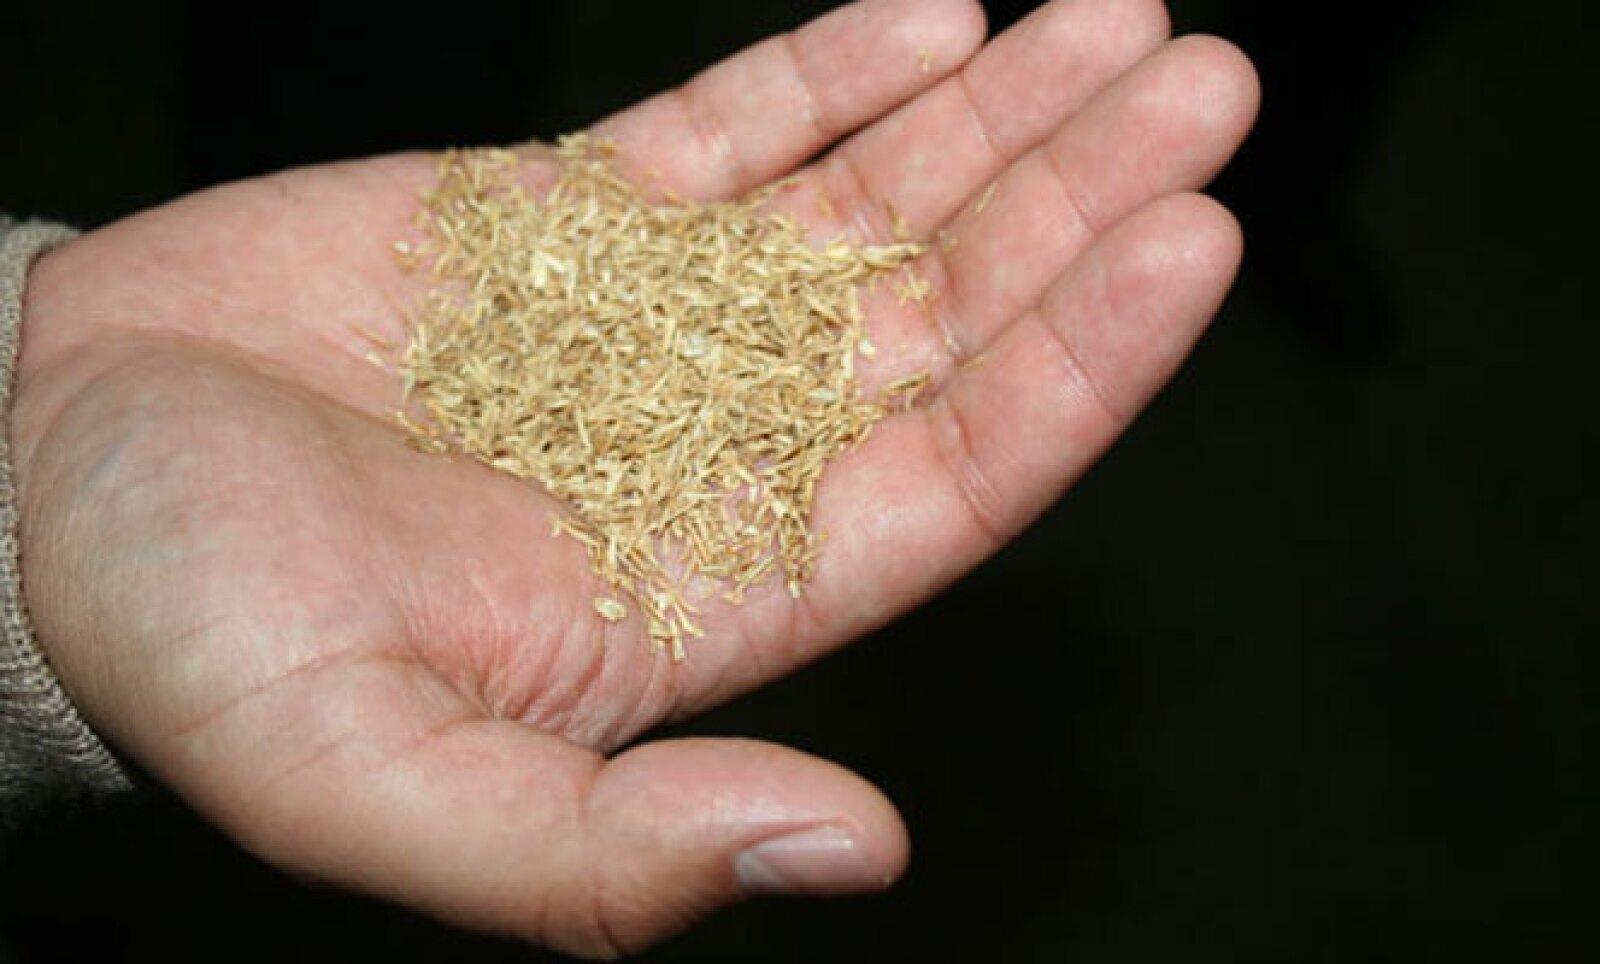 Este subproducto compuesto por fibra, cascarilla y proteína, tiene su origen en la malta de cebada. Estas características hicieron que Modelo lo aprovechará para generar energía.